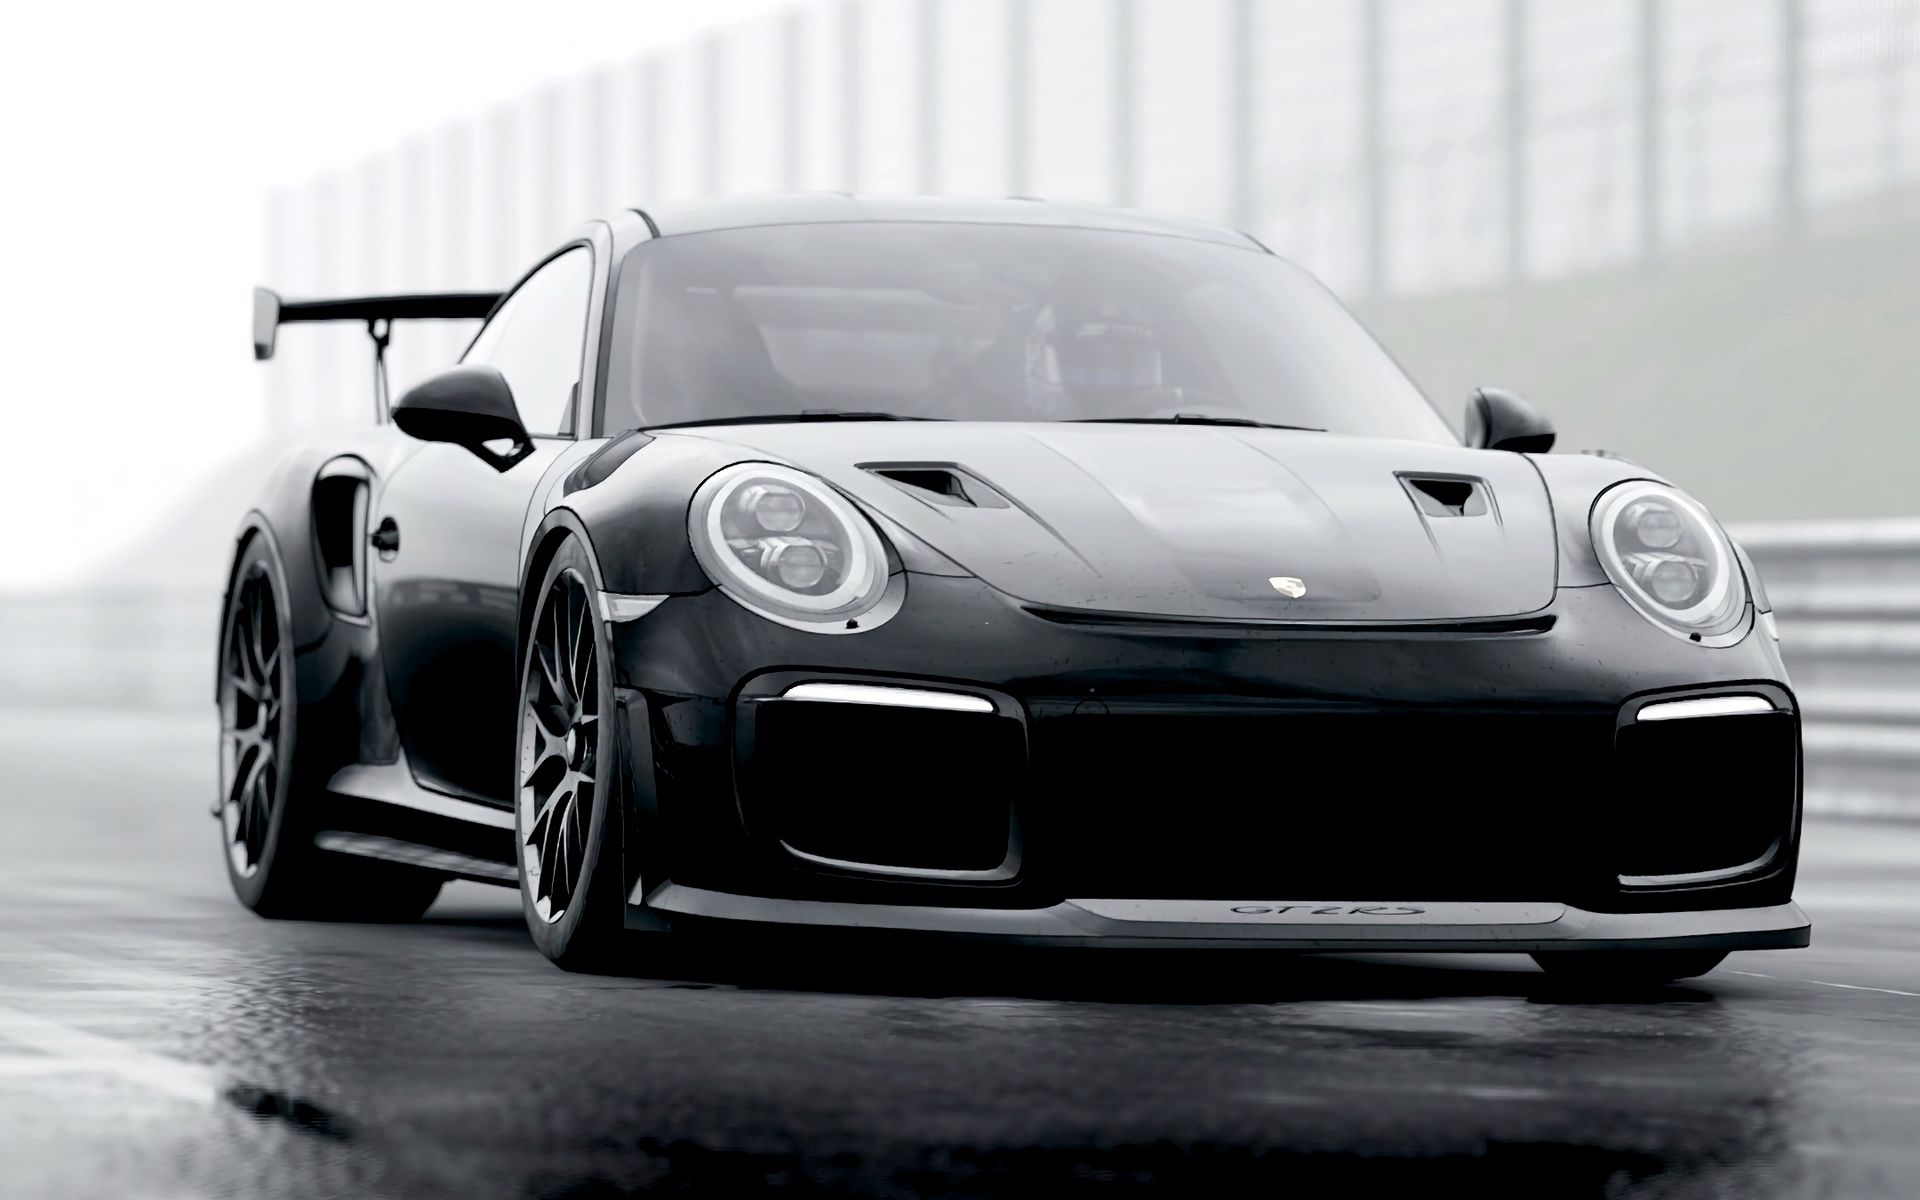 Porsche Racing Hd Wallpaper Porsche Hd Wallpaper Racing